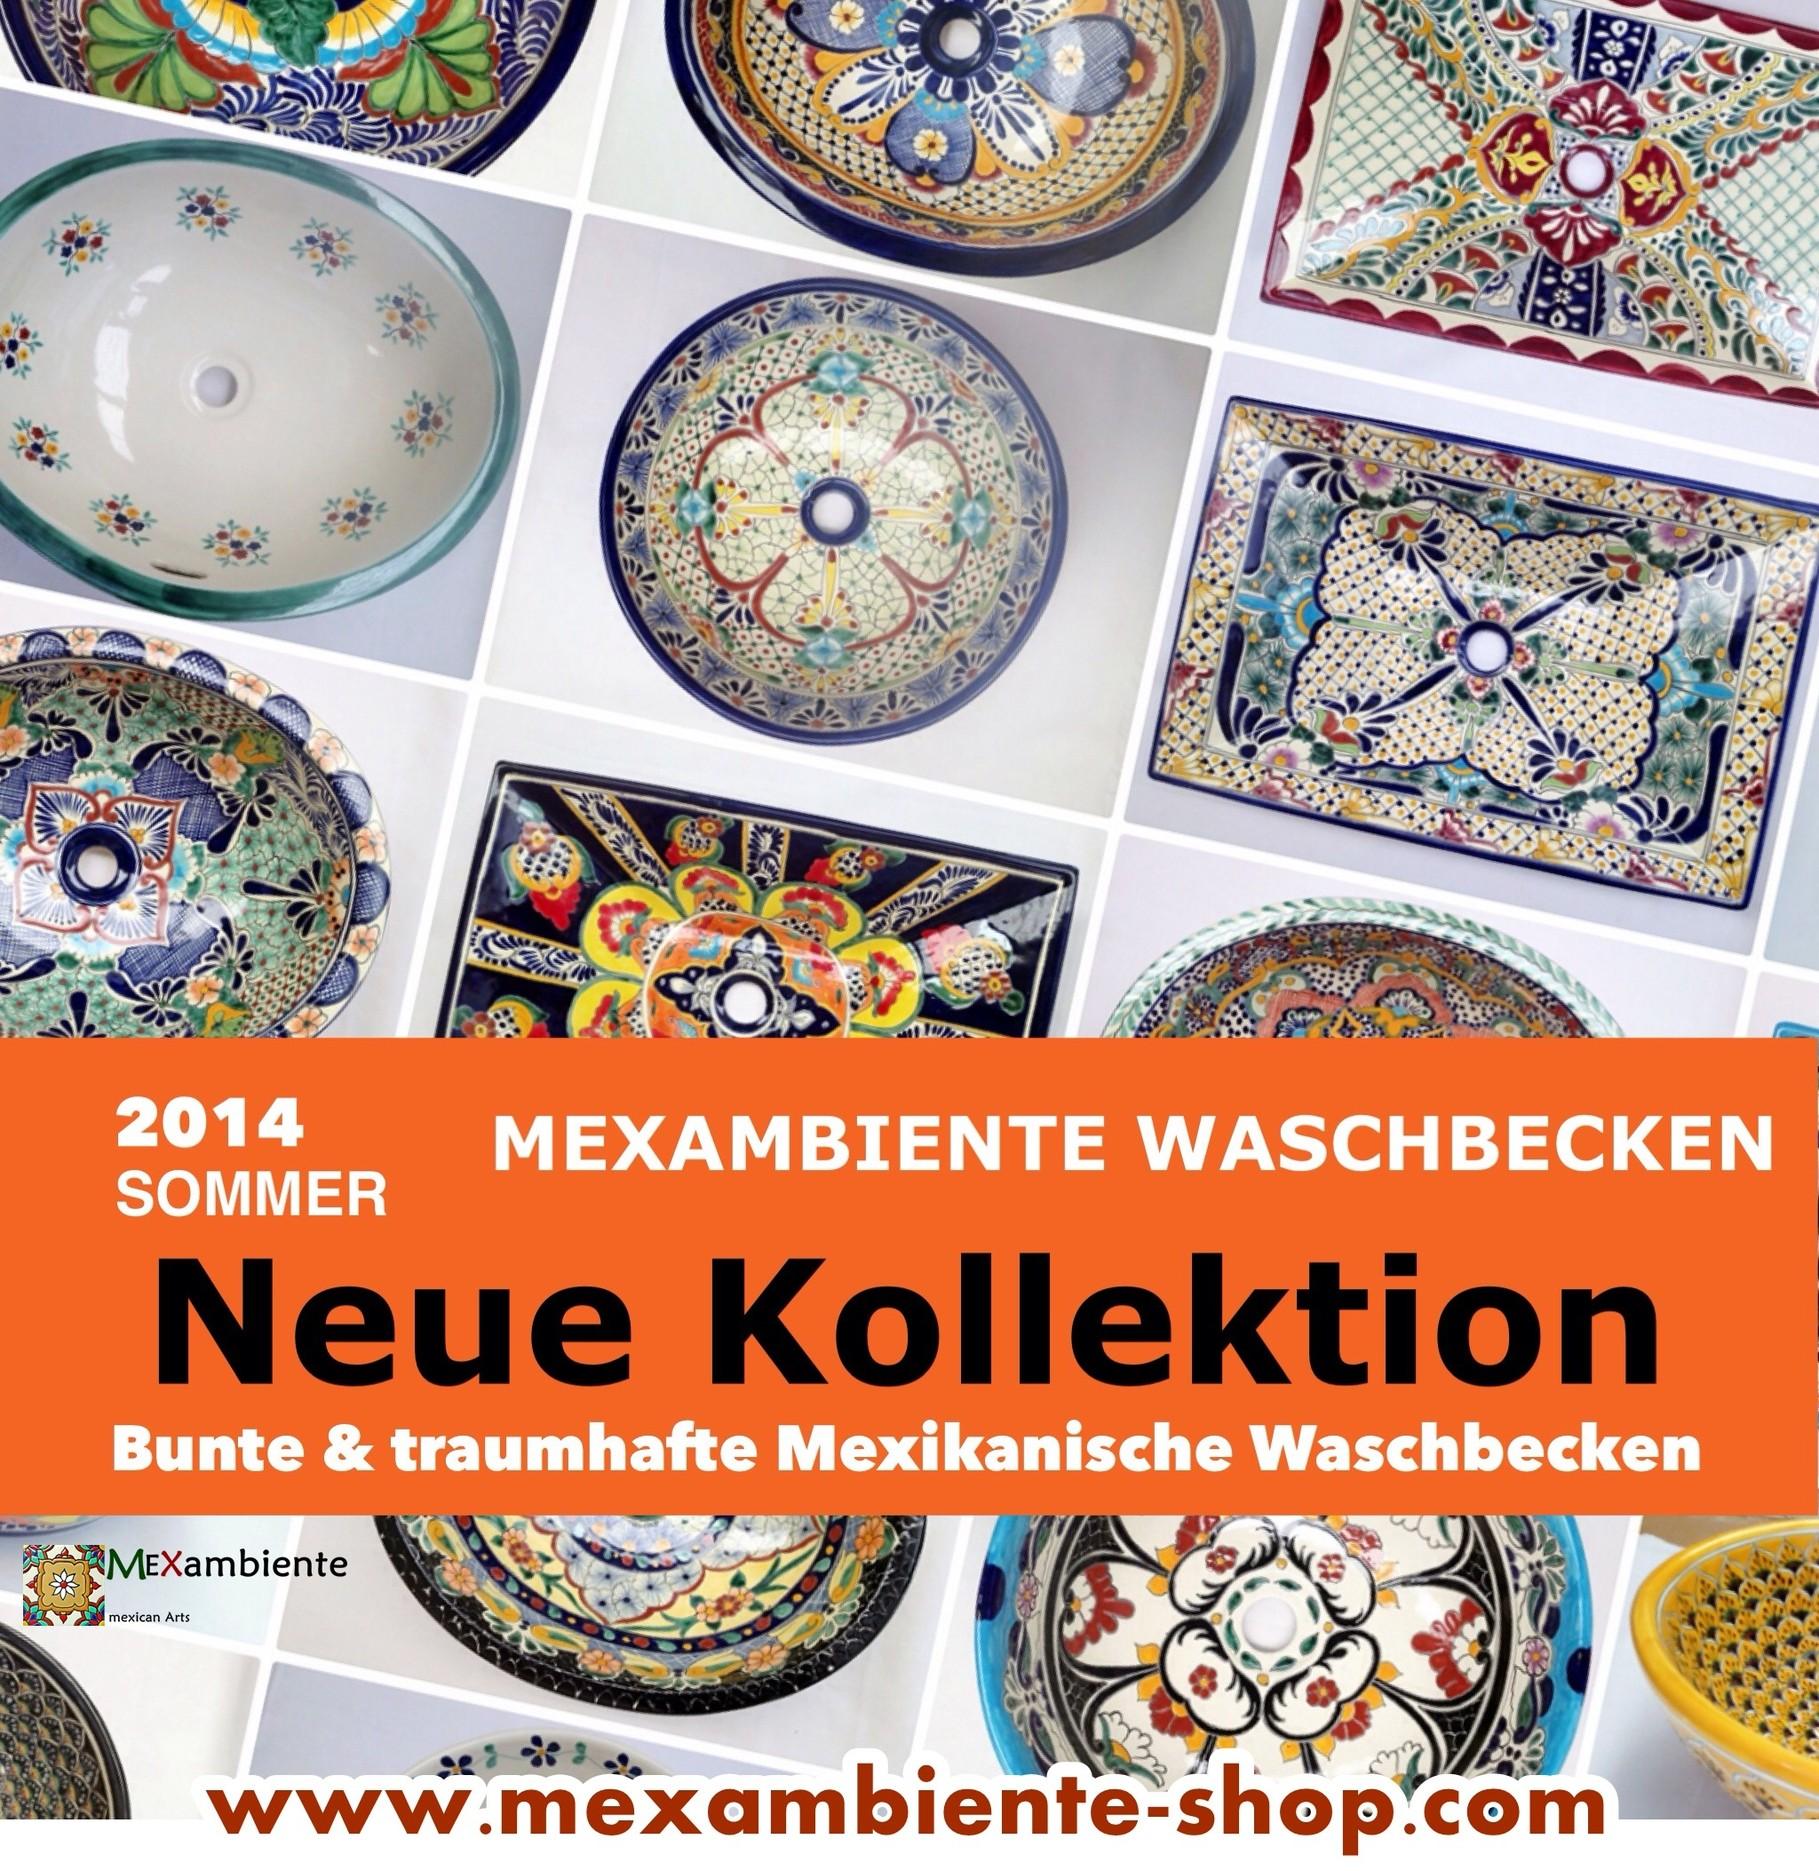 Fesselnde Bunte Waschbecken Foto Von Neue Kollektion Mexikanische - Sommer 2014 -